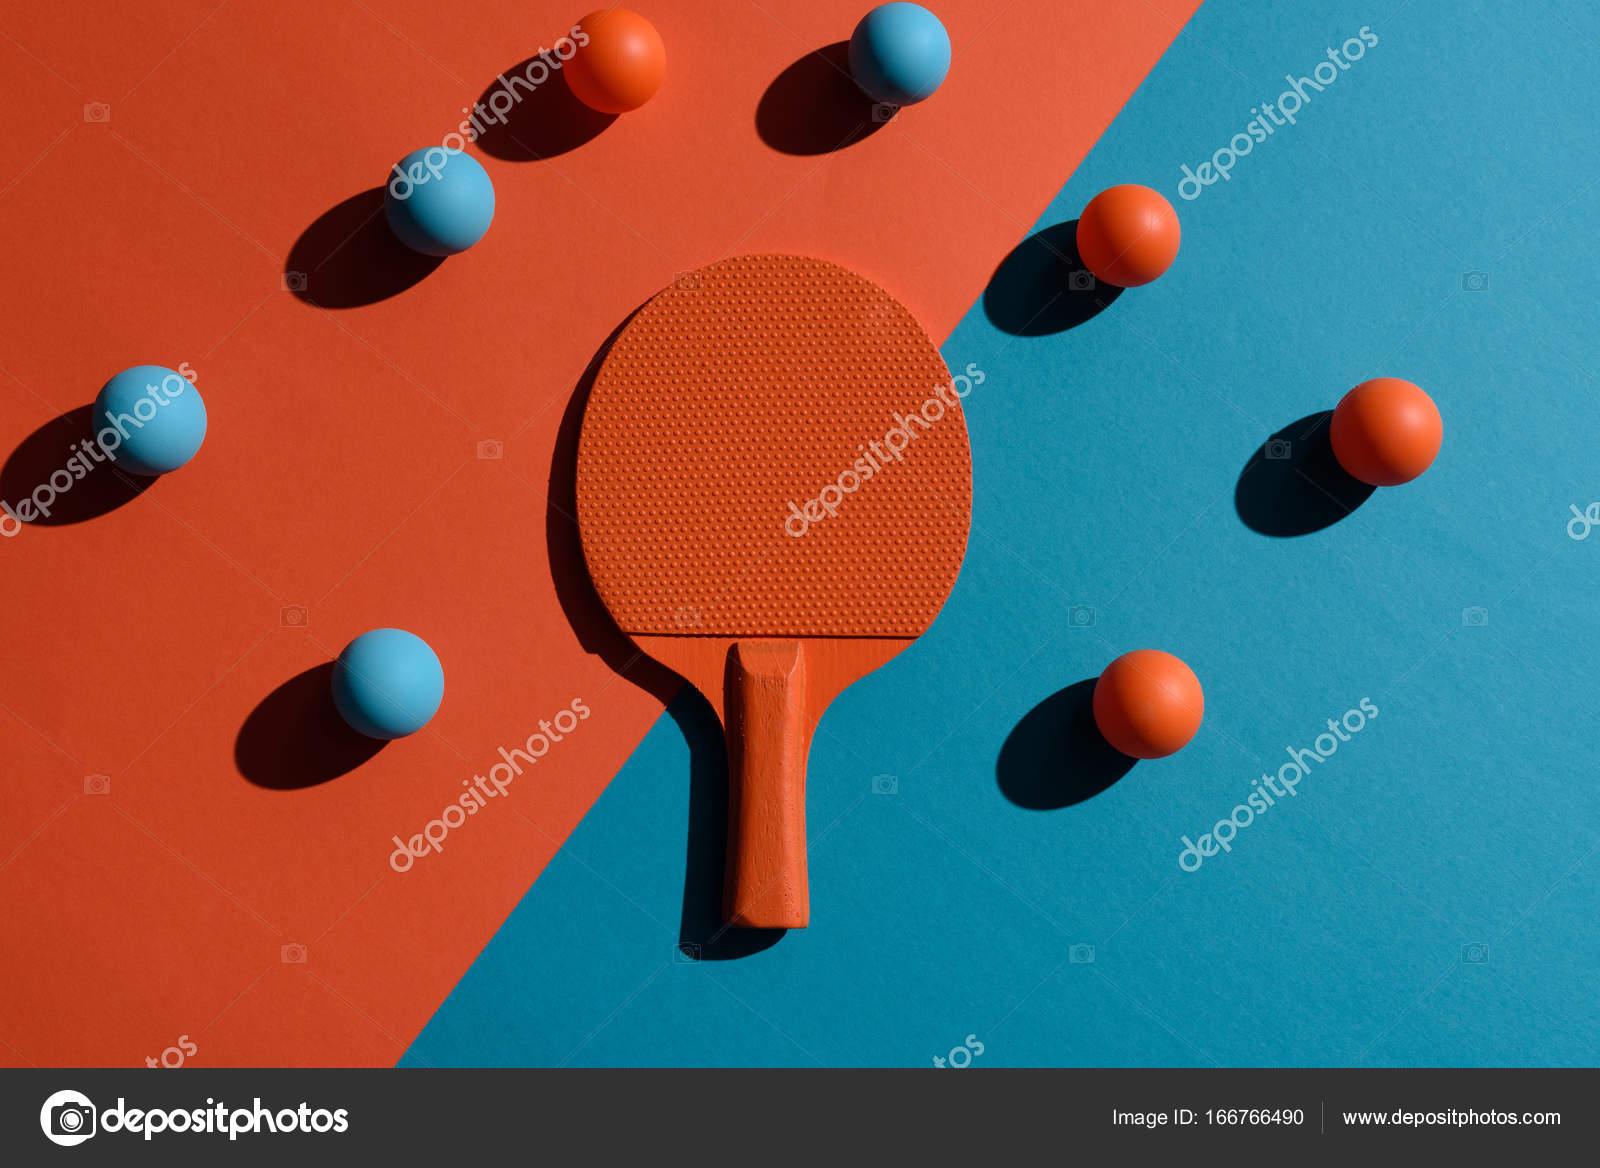 Bolas e raquete de ping pong stock photo vadimvasenin - Bolas de pin pon ...